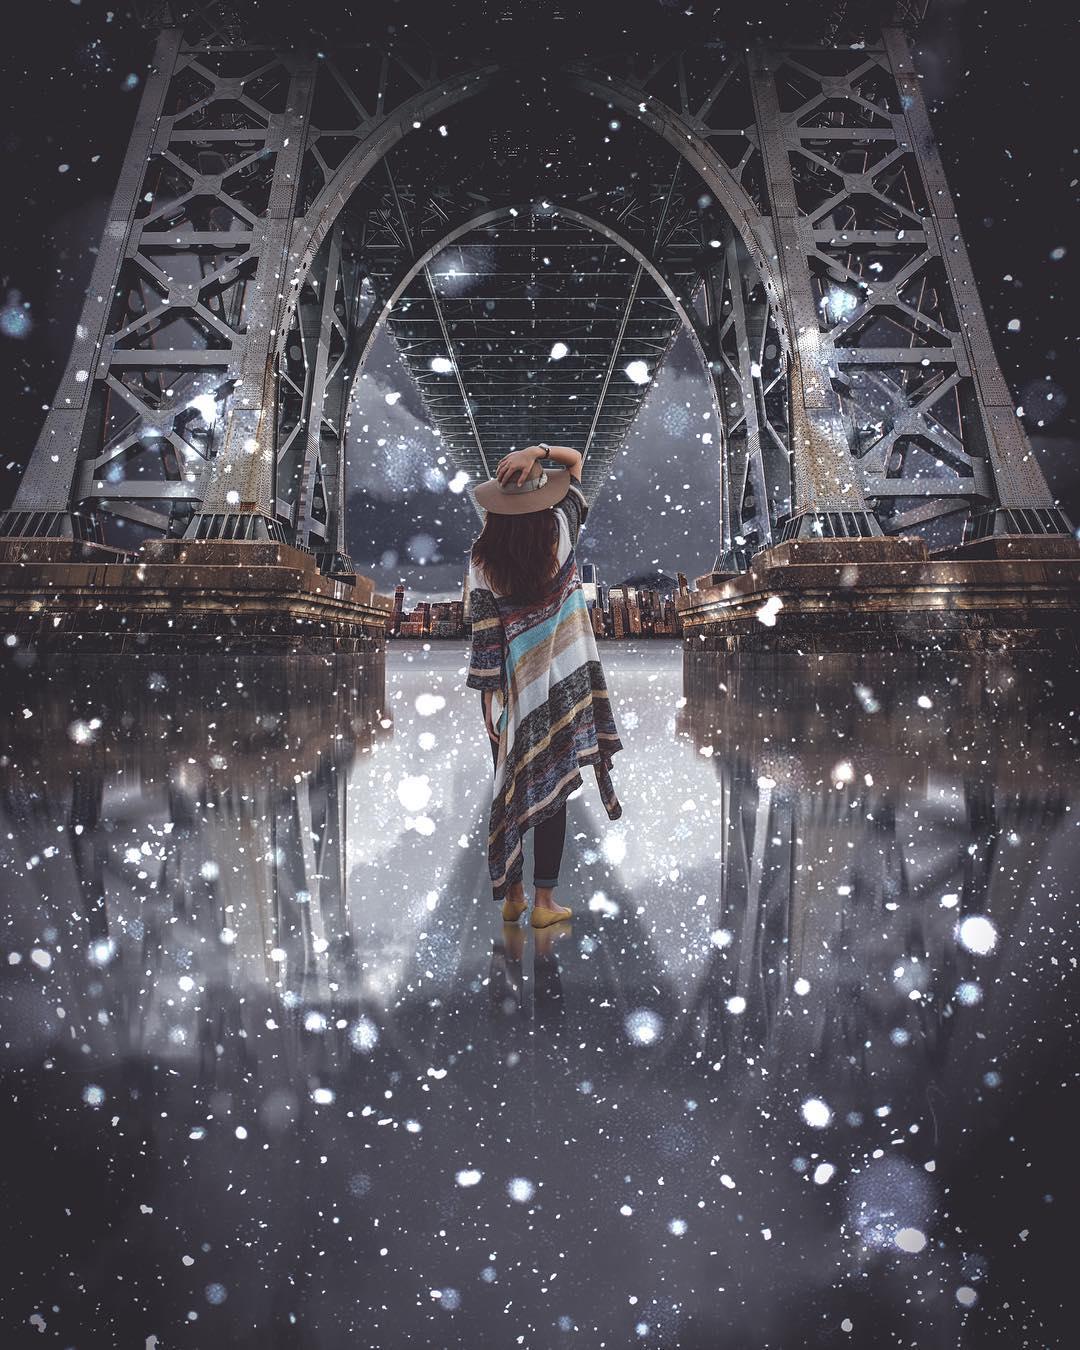 Сказочные фотоманипуляции Стэна Уэсли